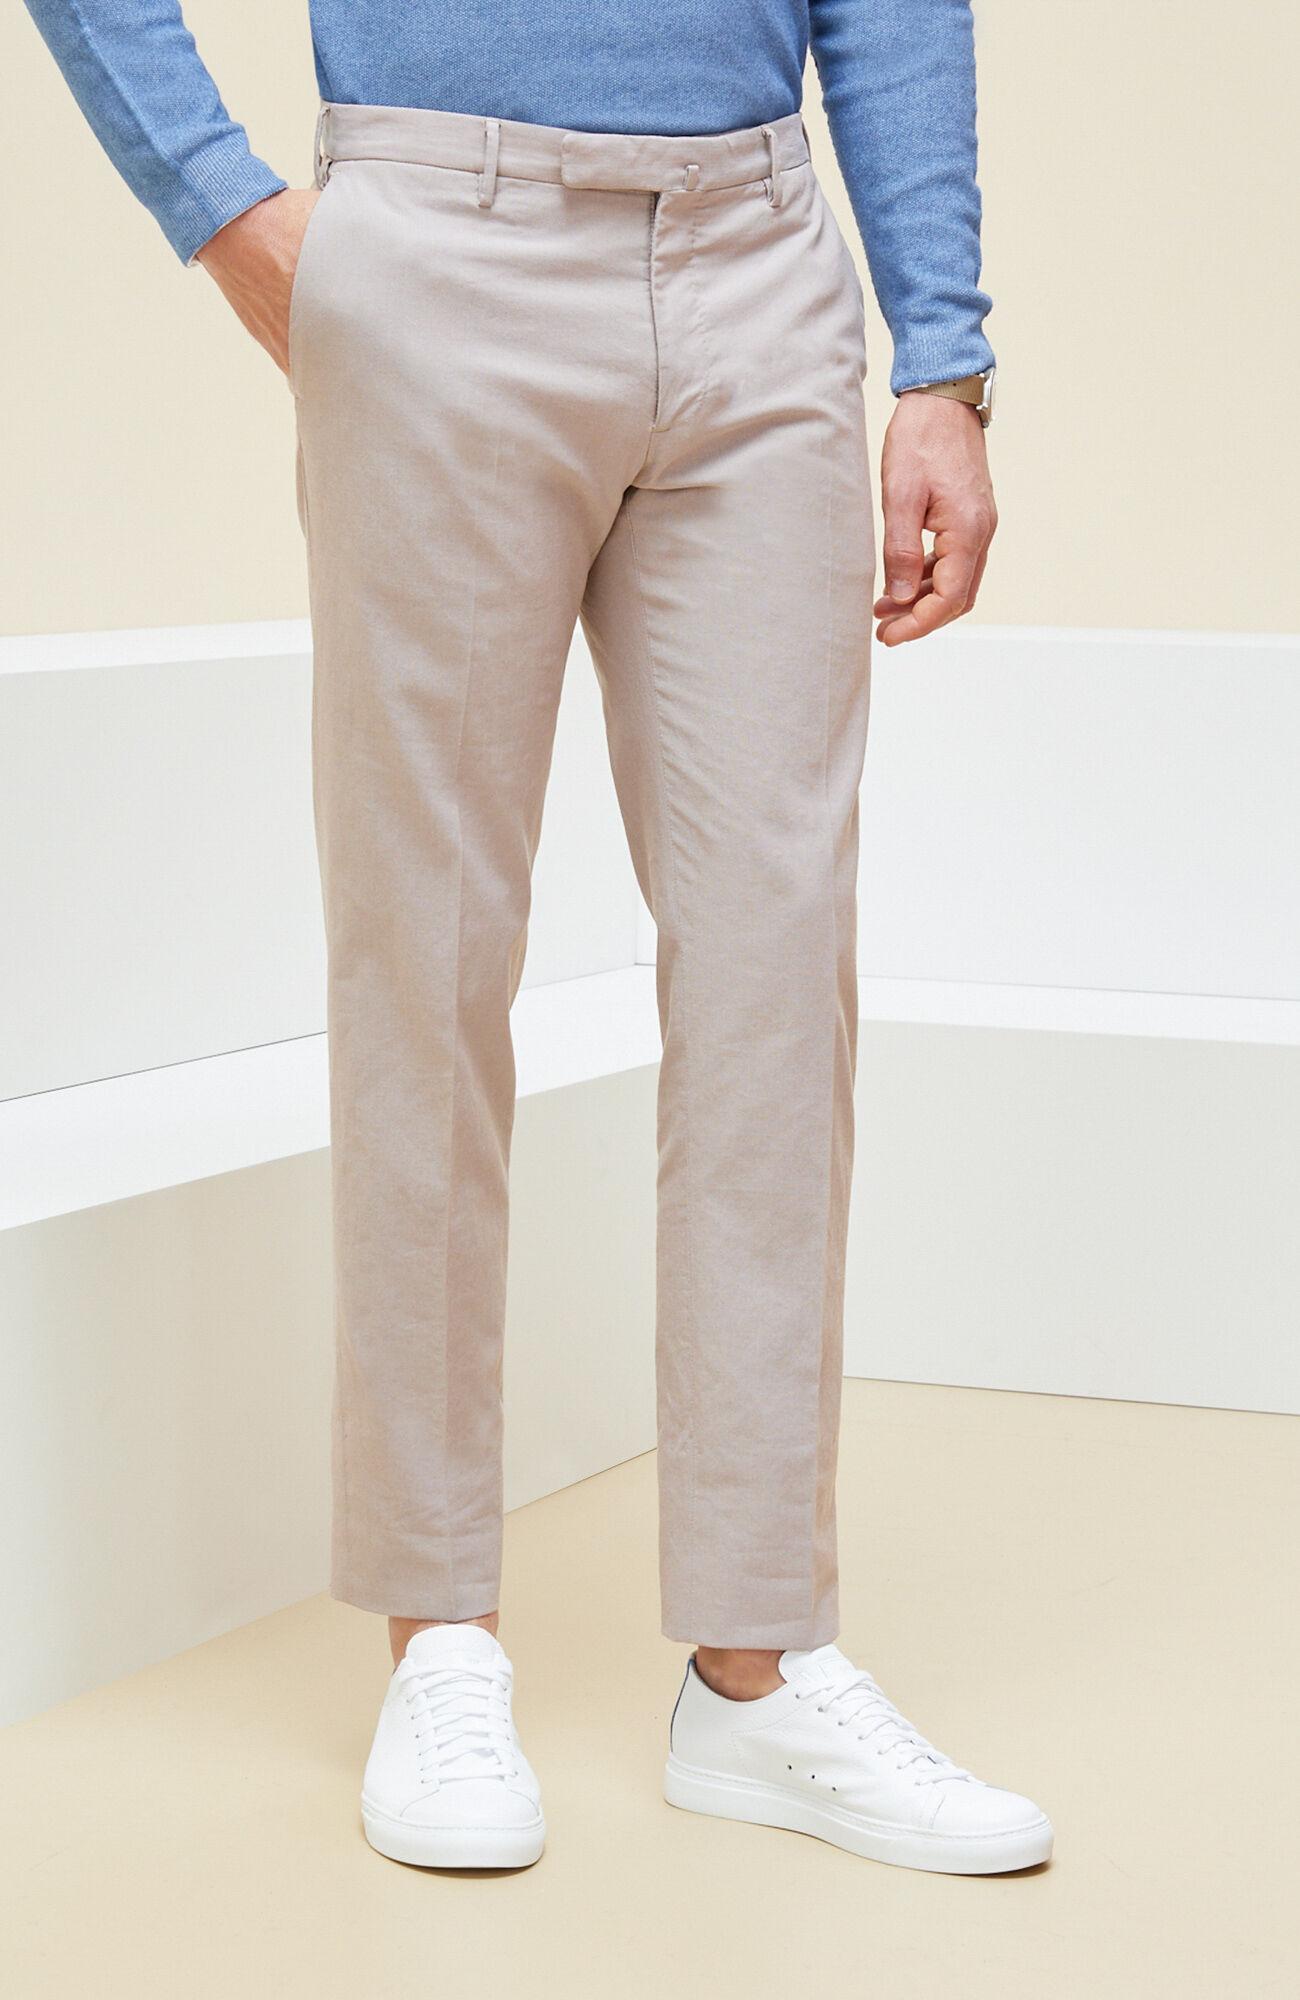 colore: NERO WATER WOOL Uomo Pantaloni NUOVO dimensioni: 52